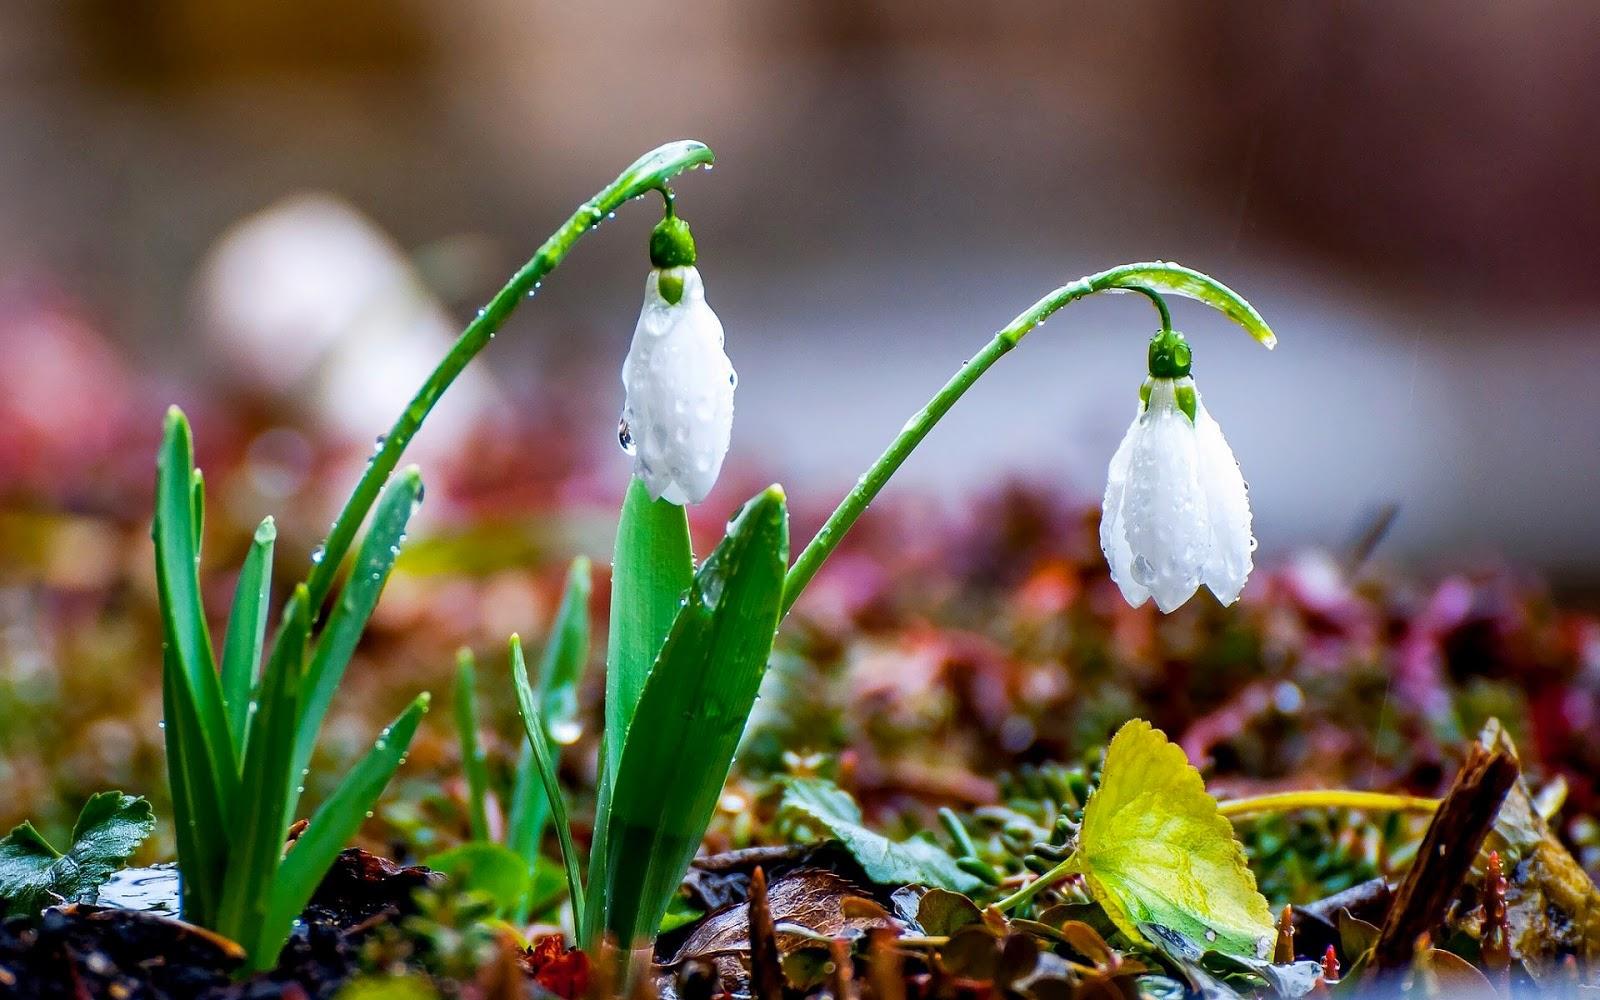 Foto met witte sneeuwklokjes nat van de regen